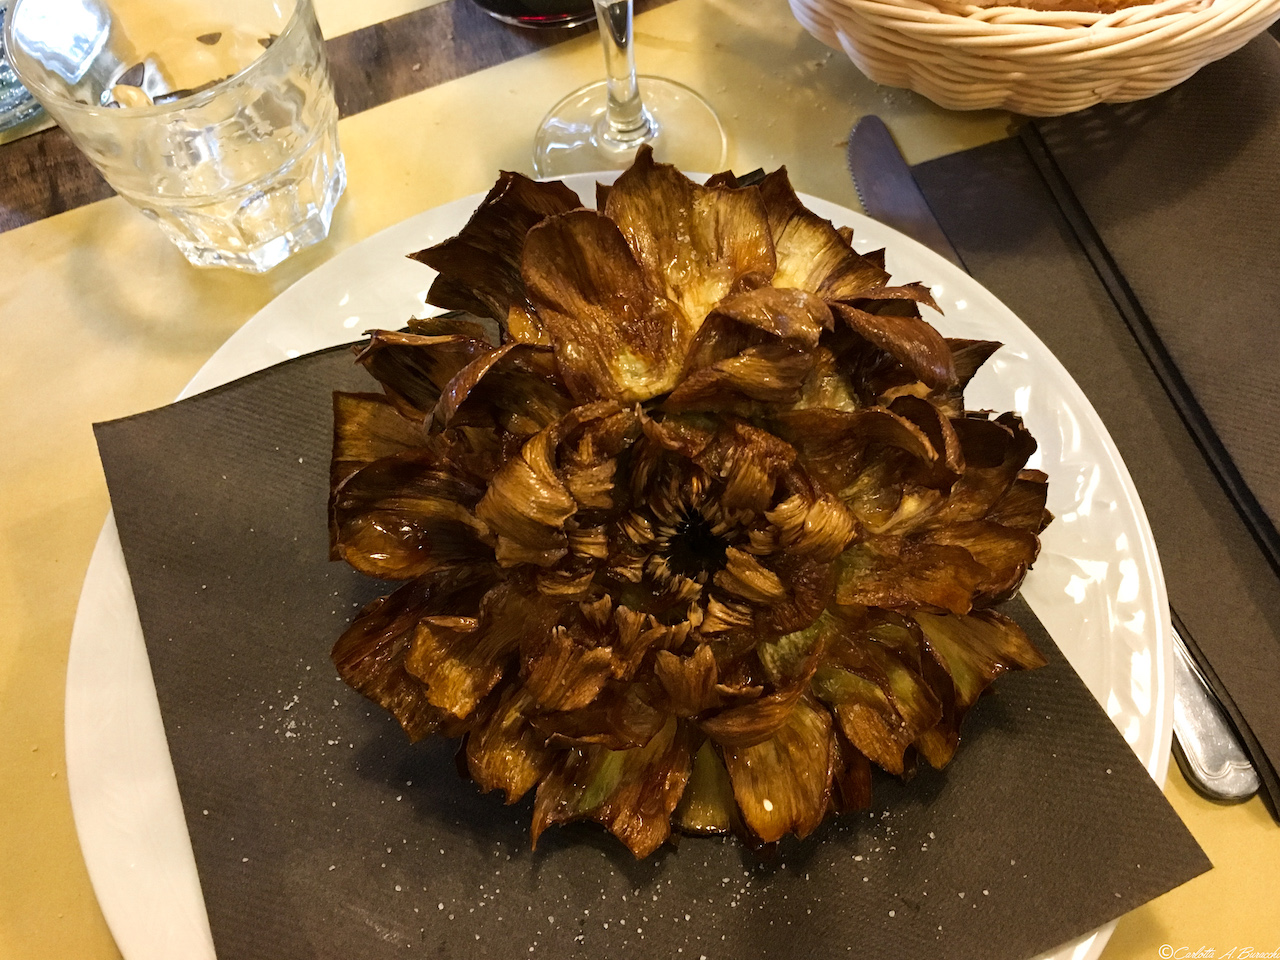 Ecco come il Carciofo alla giudìa deve presentarsi nel piatto: non vi ricorda una corolla interamente sbocciata?